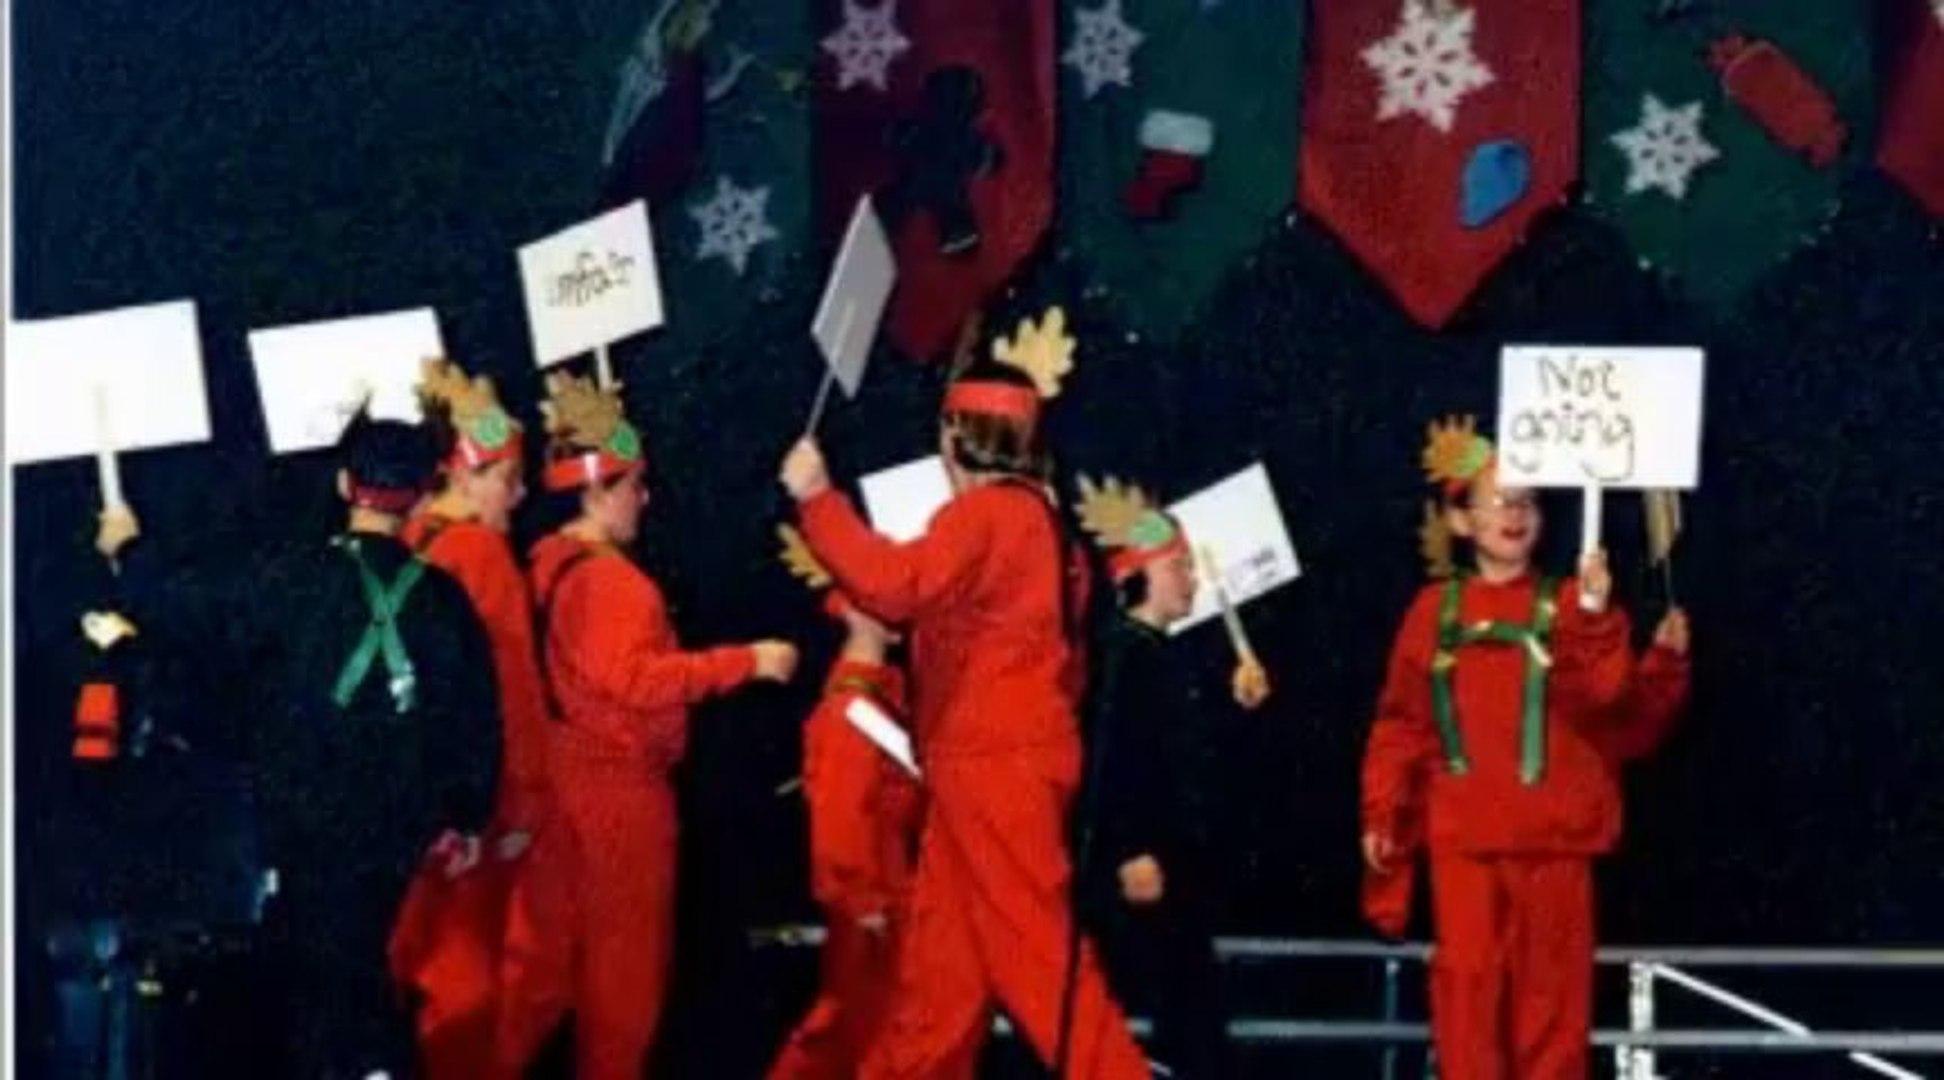 Christmas Plays for kids